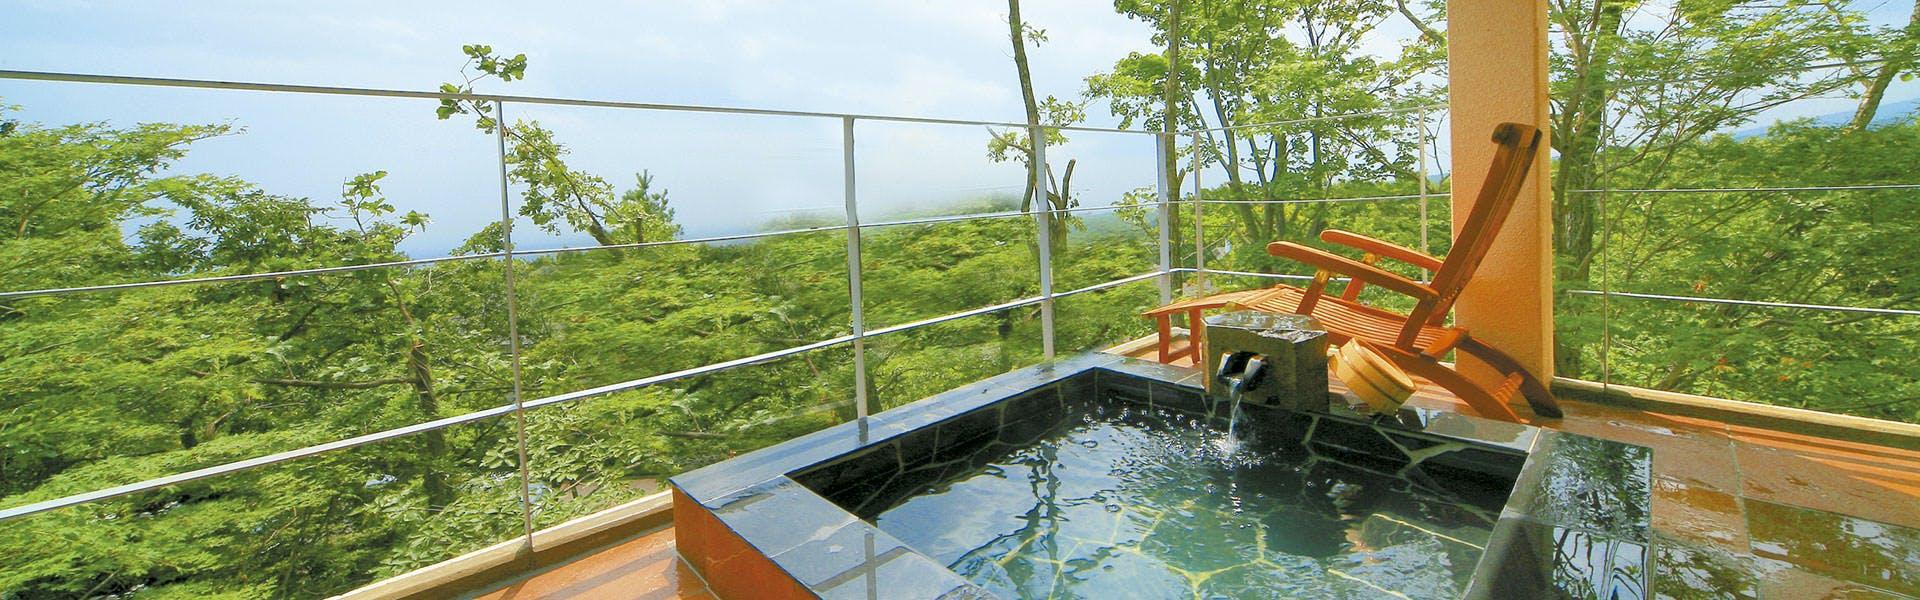 記念日におすすめのホテル・ぬくもりに心なごむ湯宿 星のあかりの写真1